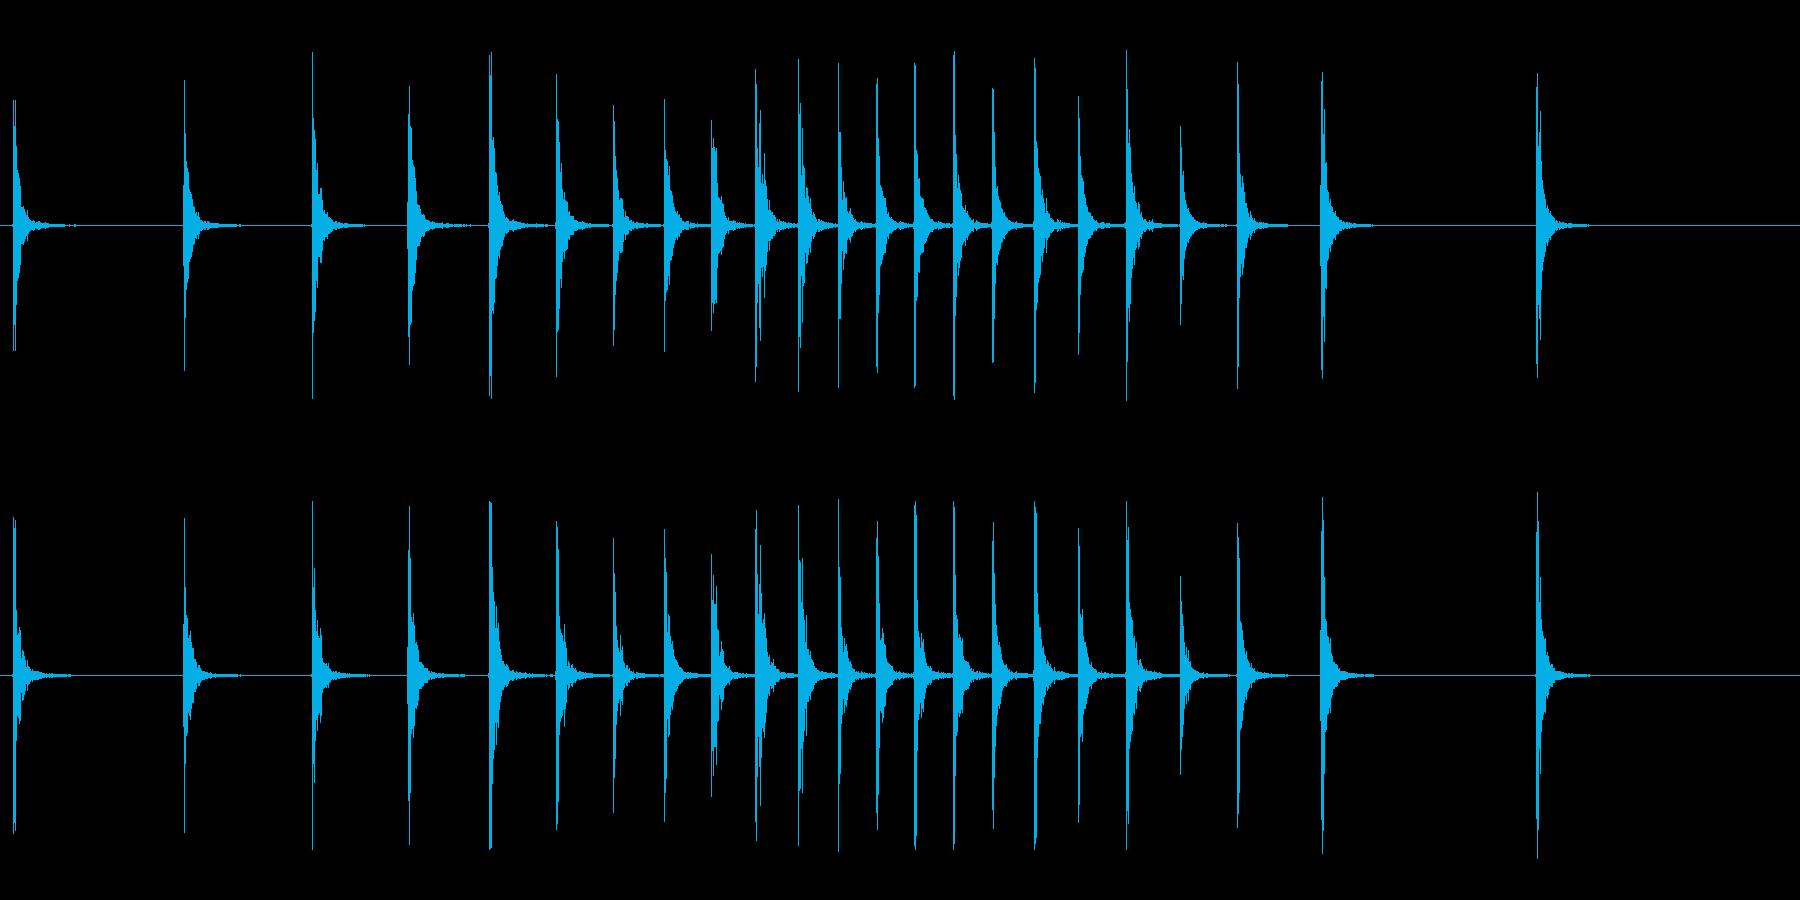 カンカンカン…カン!(拍子木、歌舞伎)の再生済みの波形